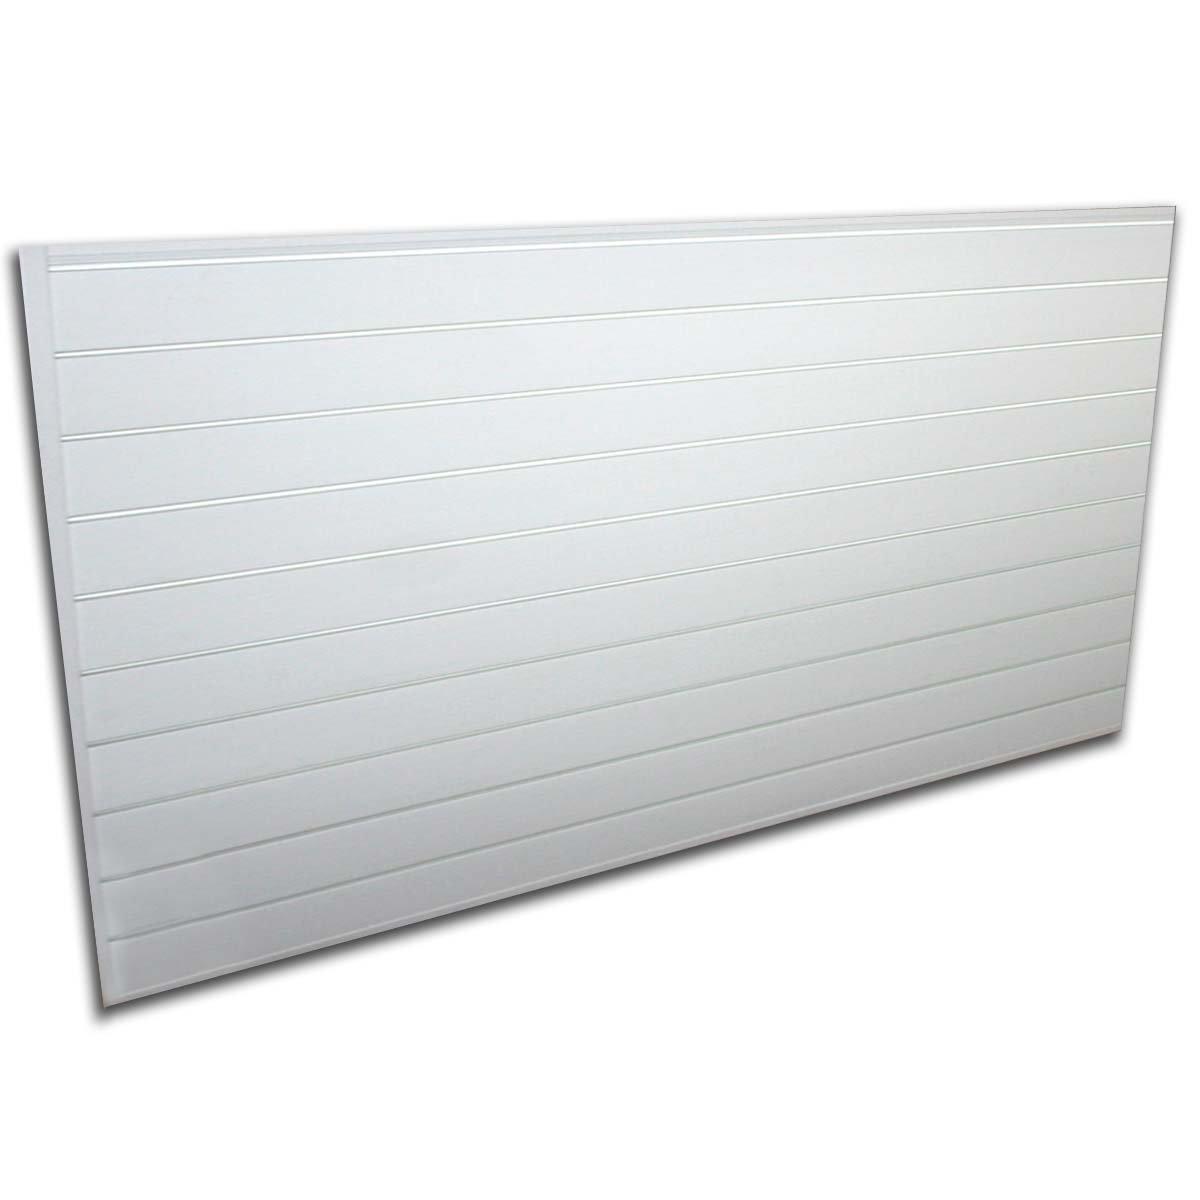 Proslat 88102 Heavy Duty PVC Slatwall Garage Organizer, 8-Feet by 4-Feet Section, White by Proslat